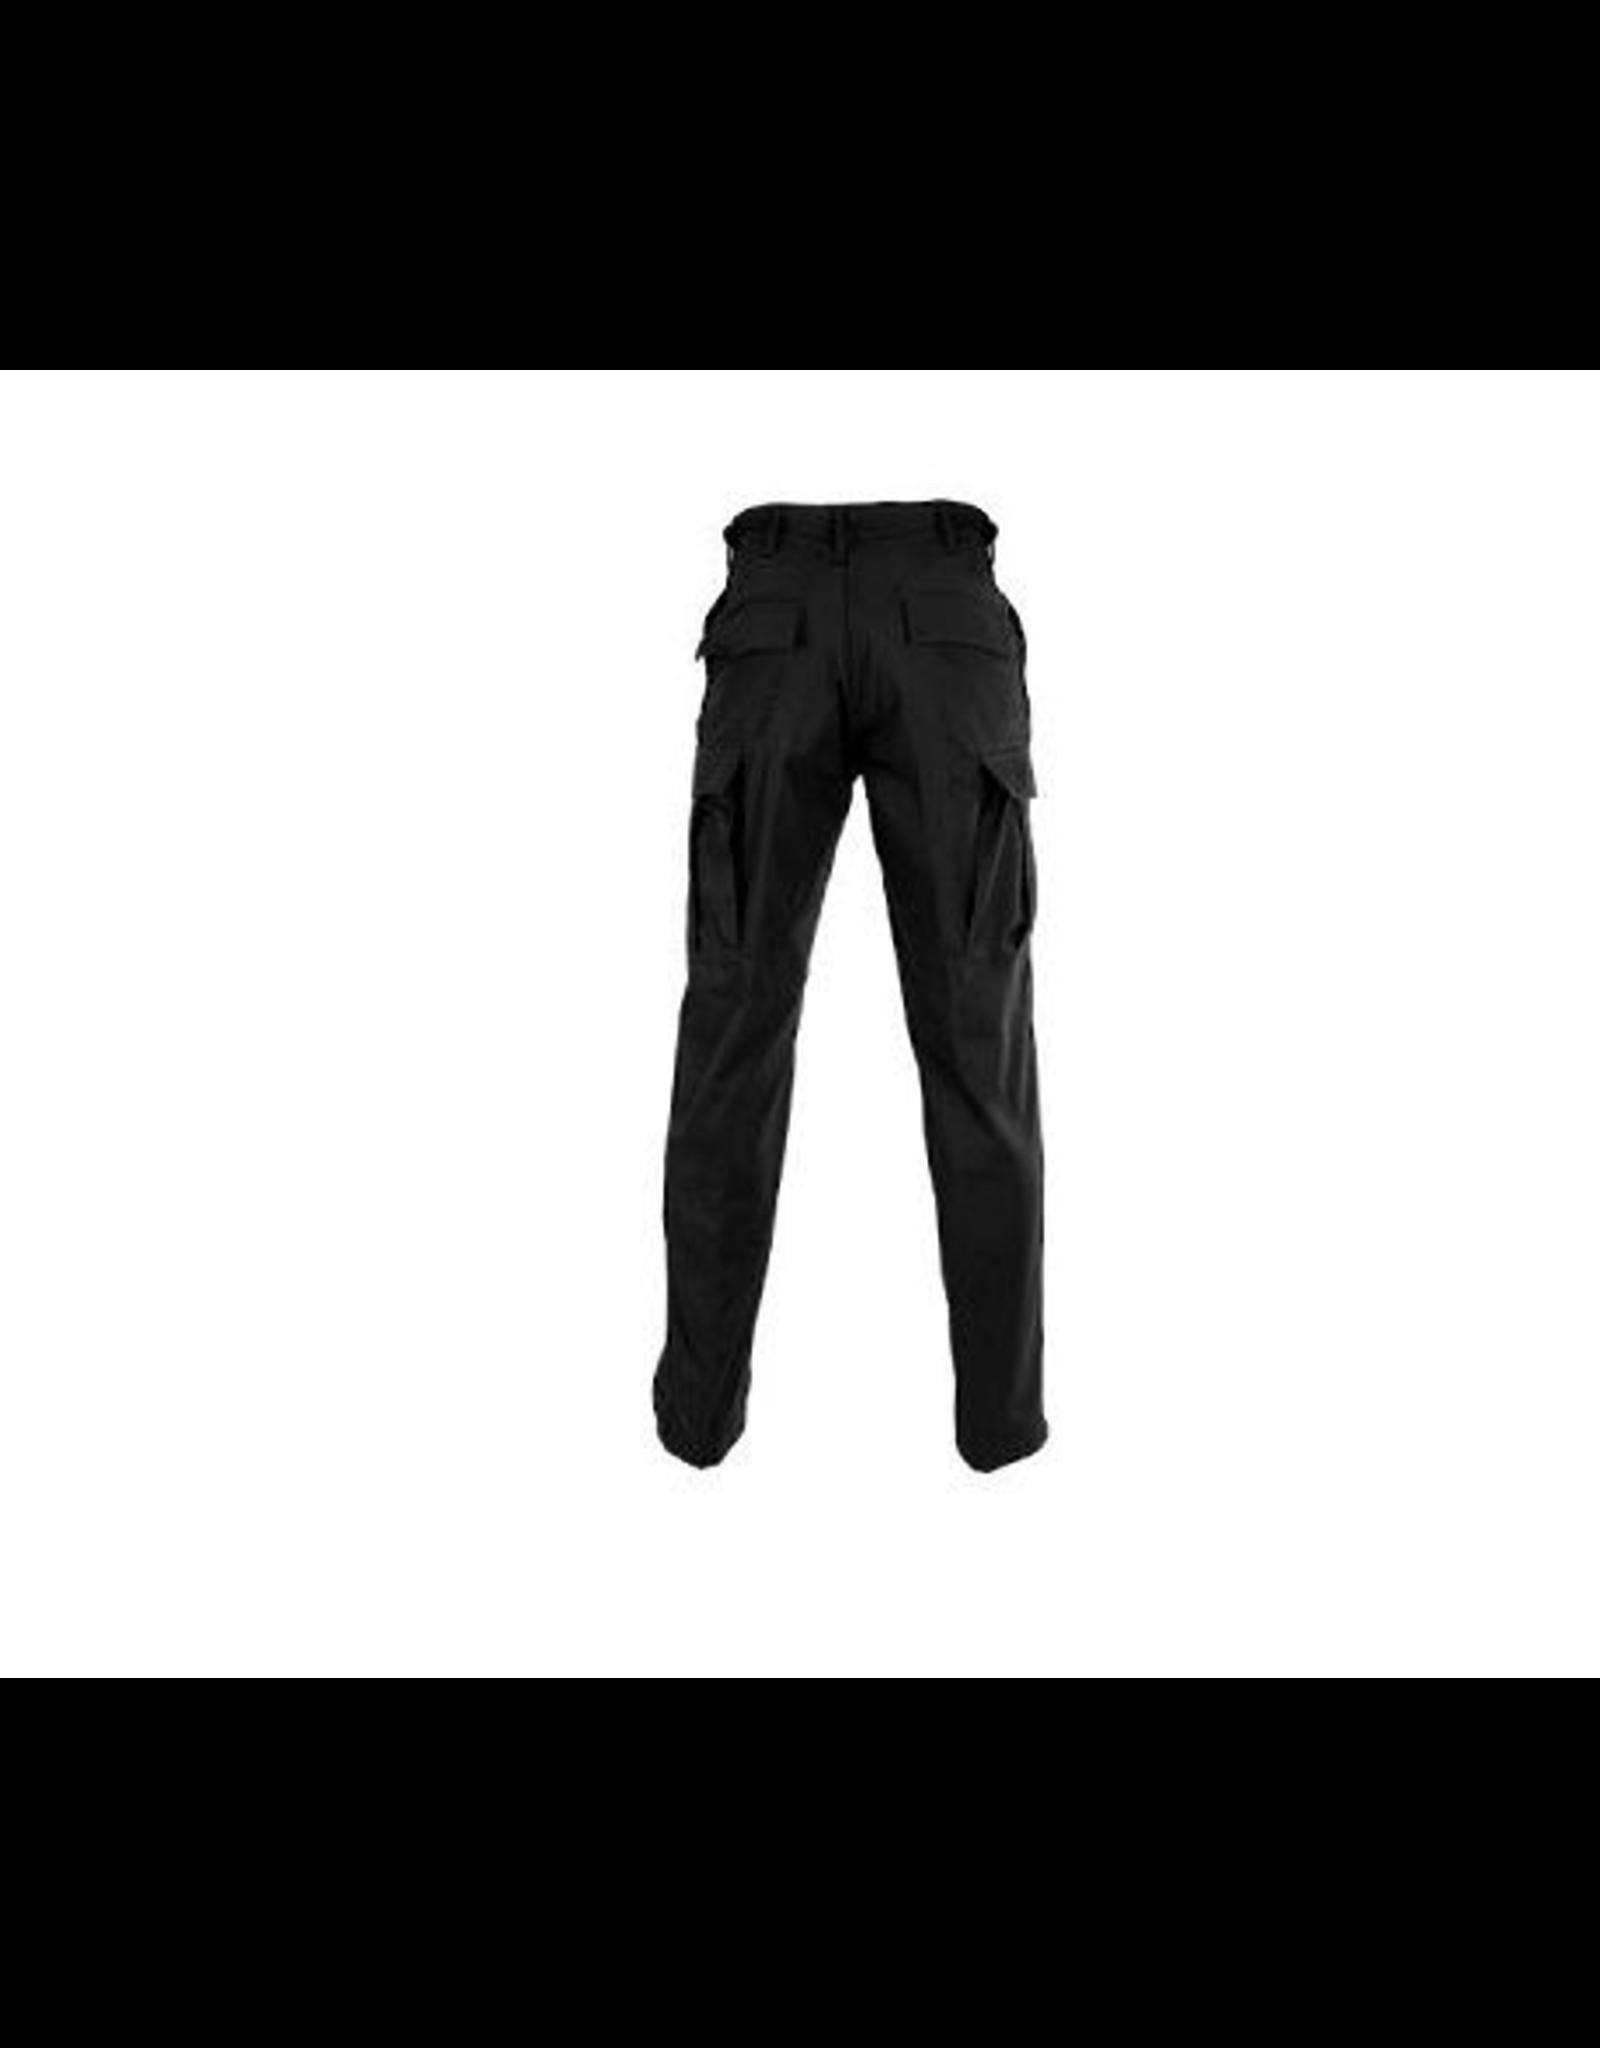 First Class First Class Pants Black 32